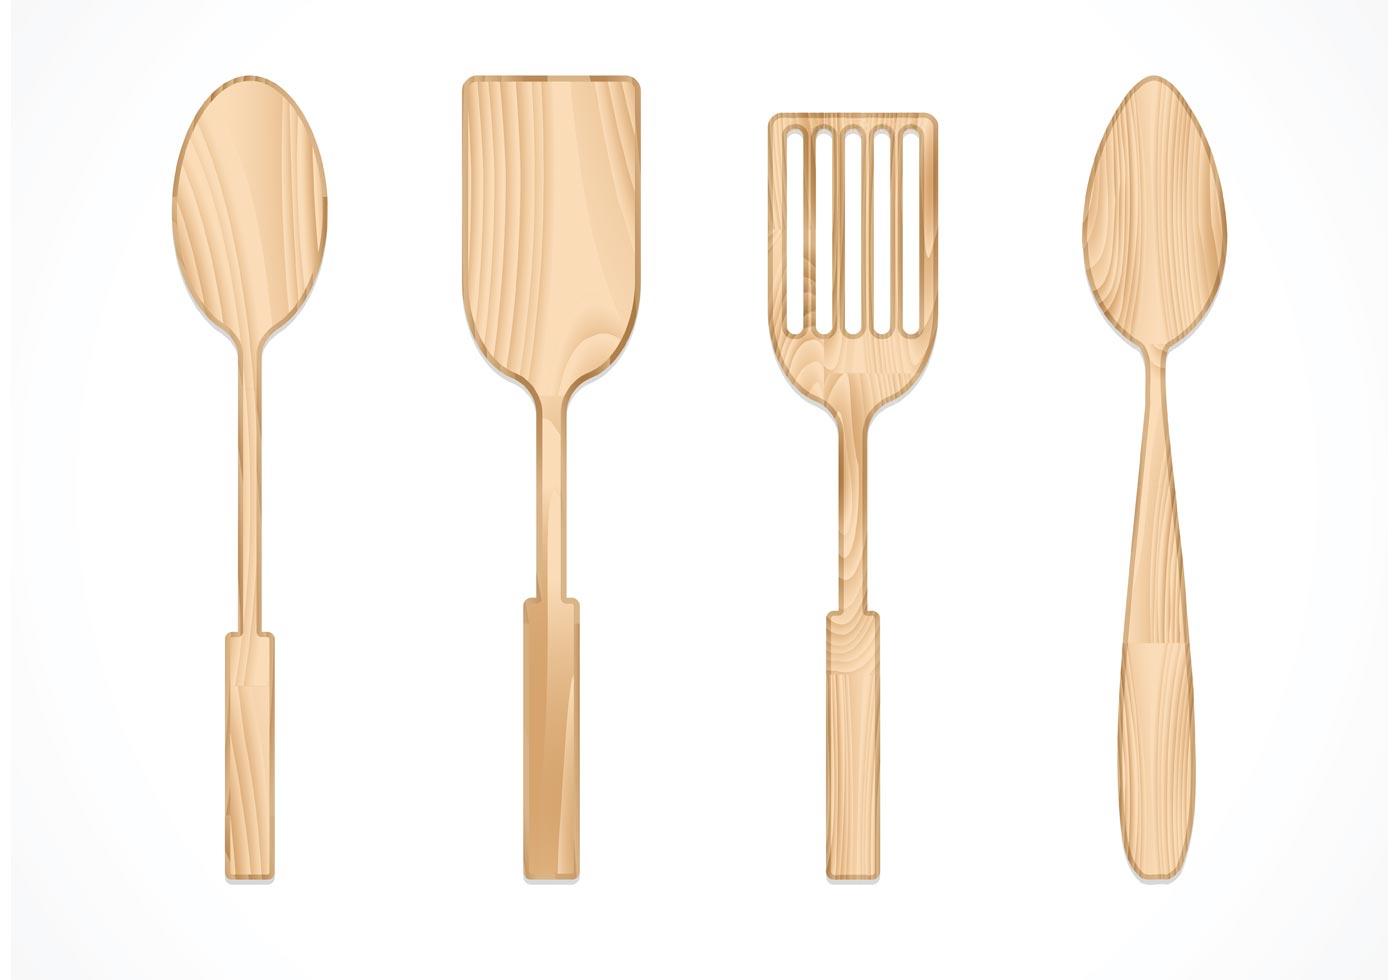 free vector wooden spoon set download free vector art